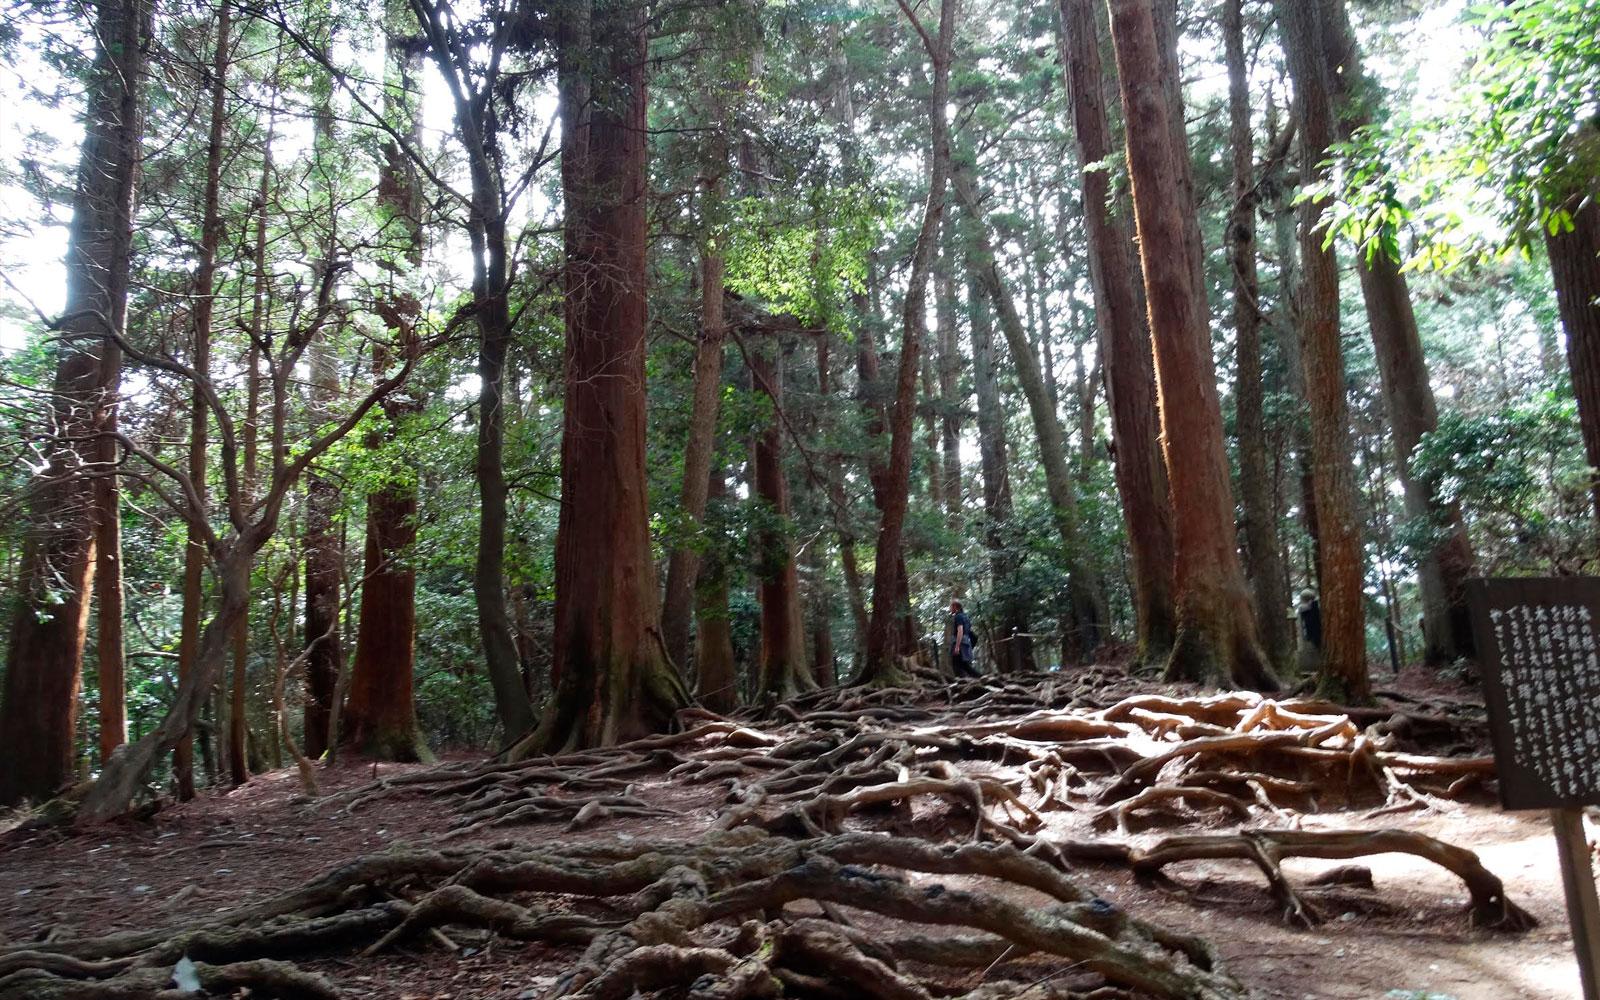 Cedar trees at the summit of Kurama Mountain